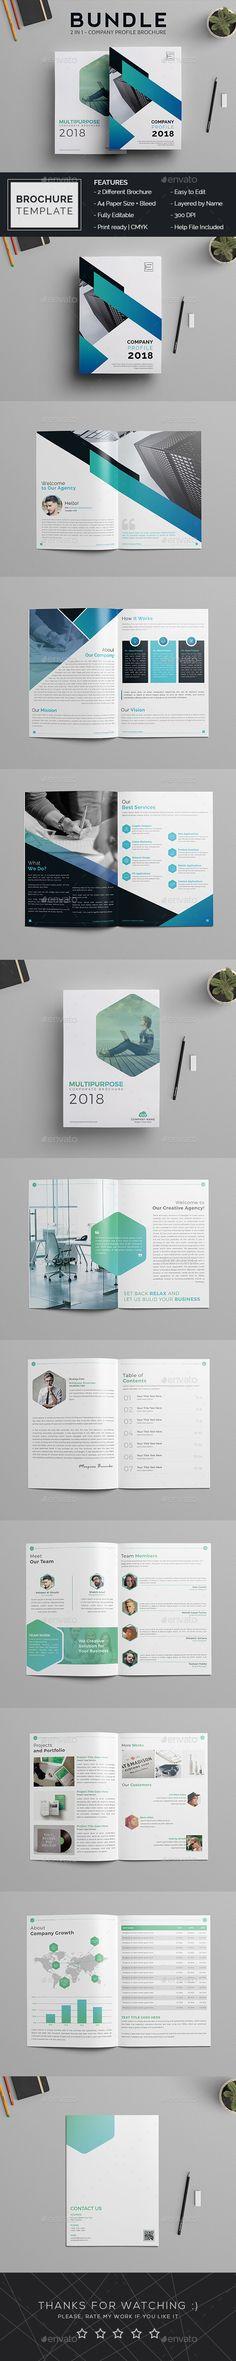 preview_brochure.jpg (590×5904)